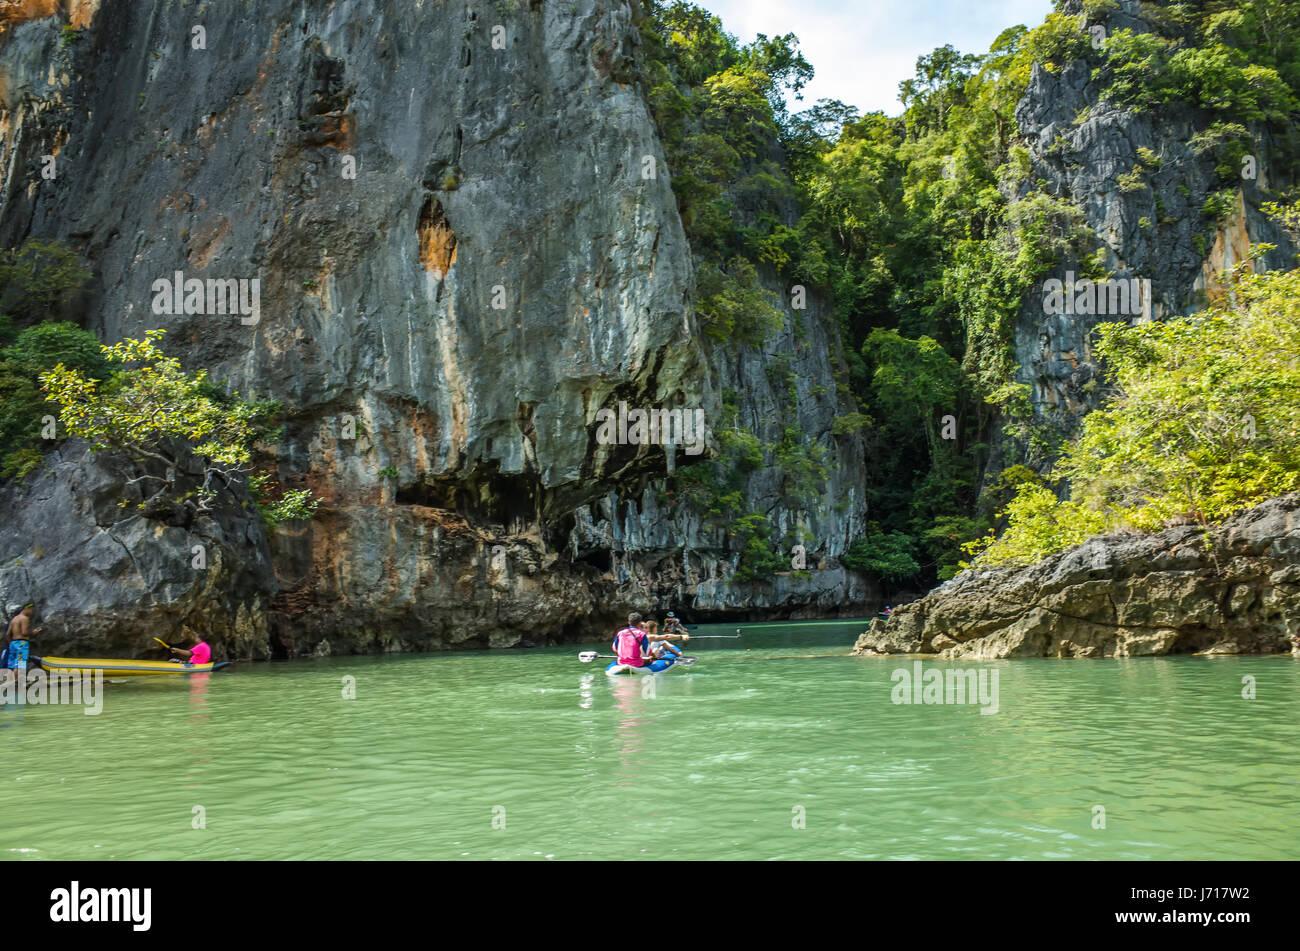 Kayaks on the Islands of Phuket, Phang nga Bay, Thailand - Stock Image